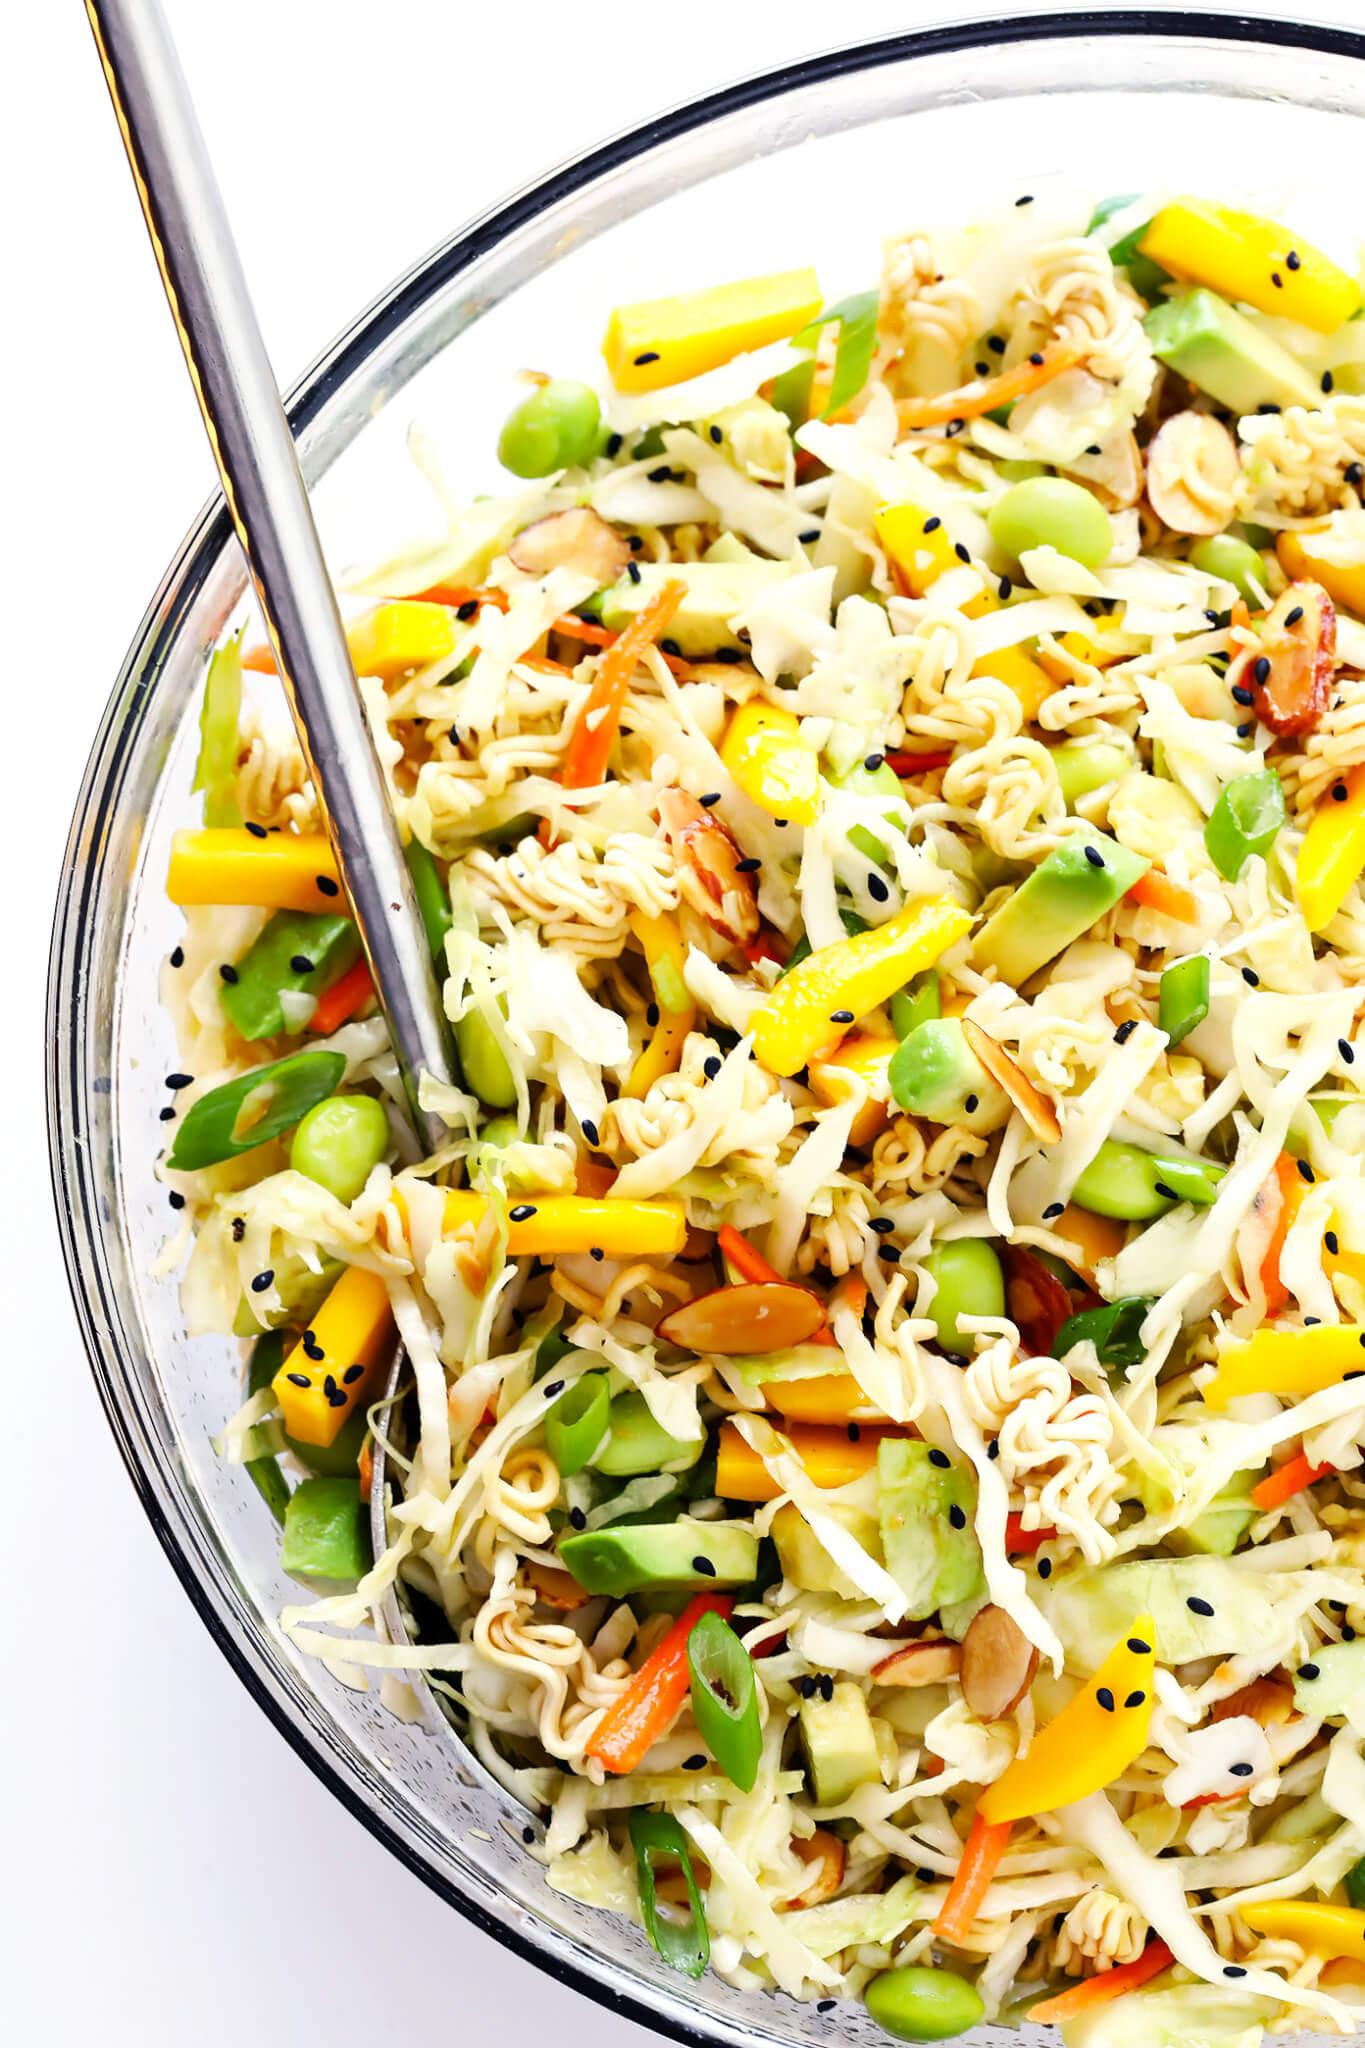 Salads With Ramen Noodles  Crunchy Asian Ramen Noodle Salad